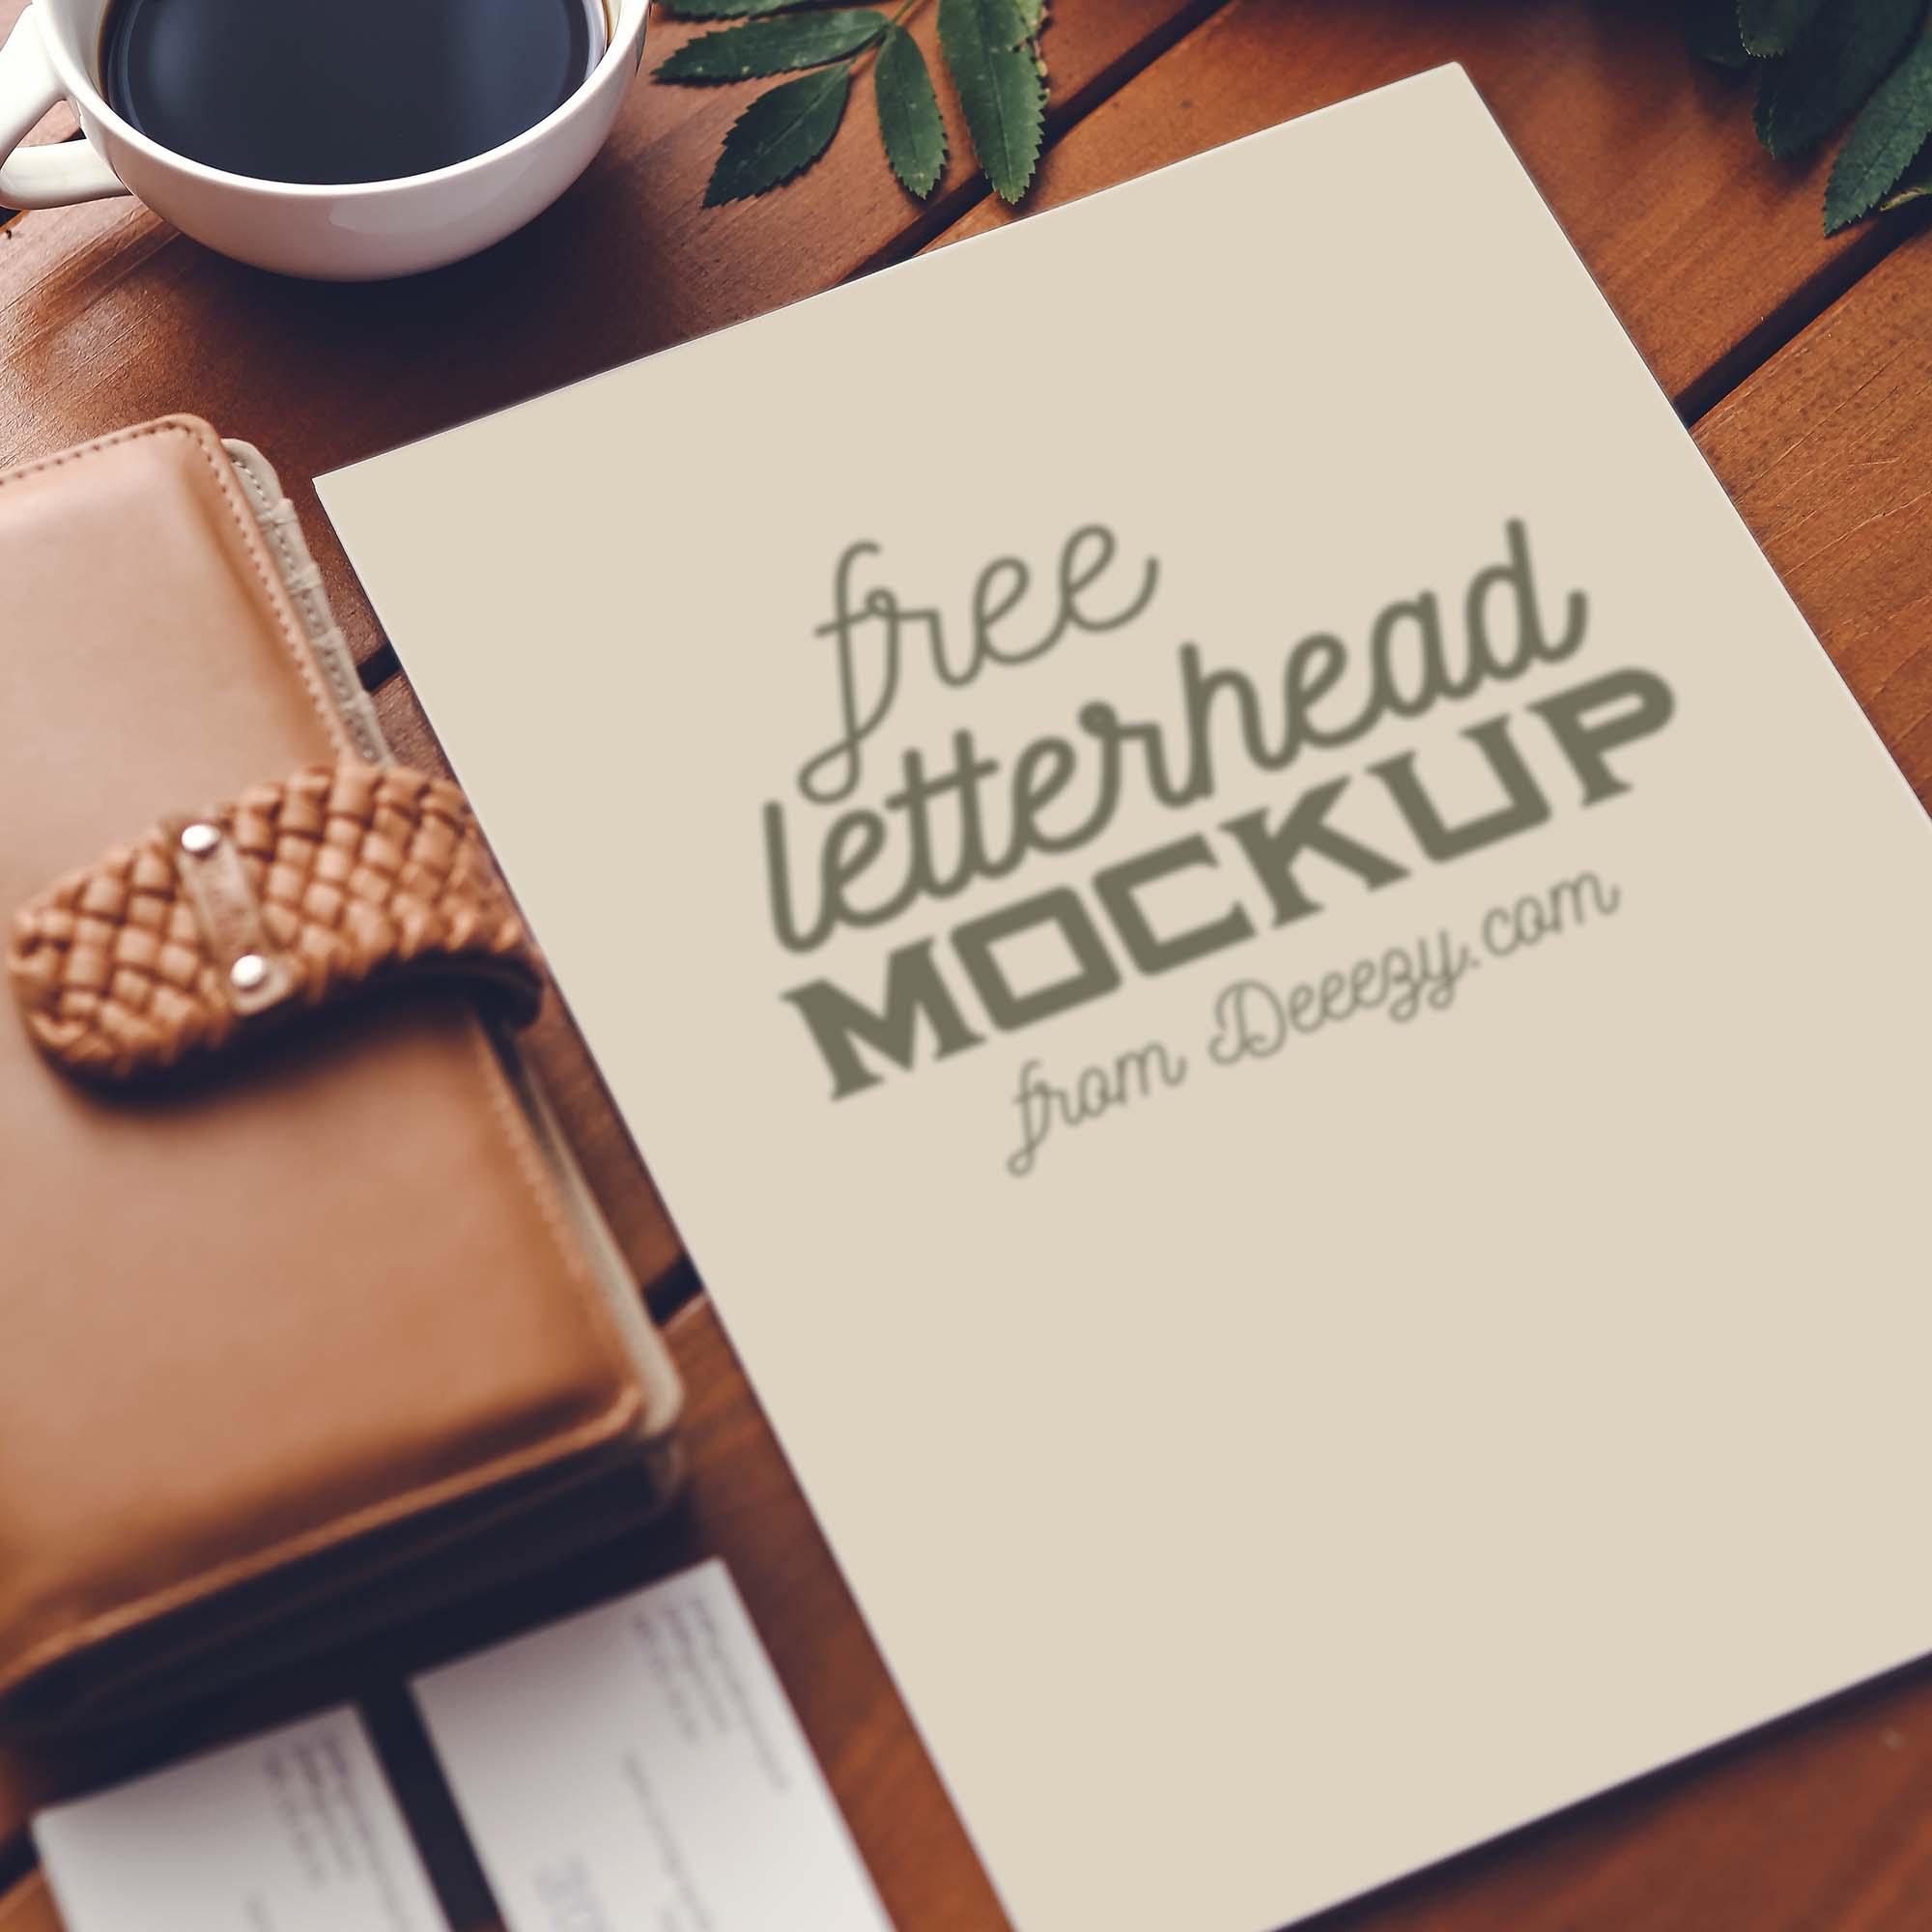 Letterhead Mockup 2